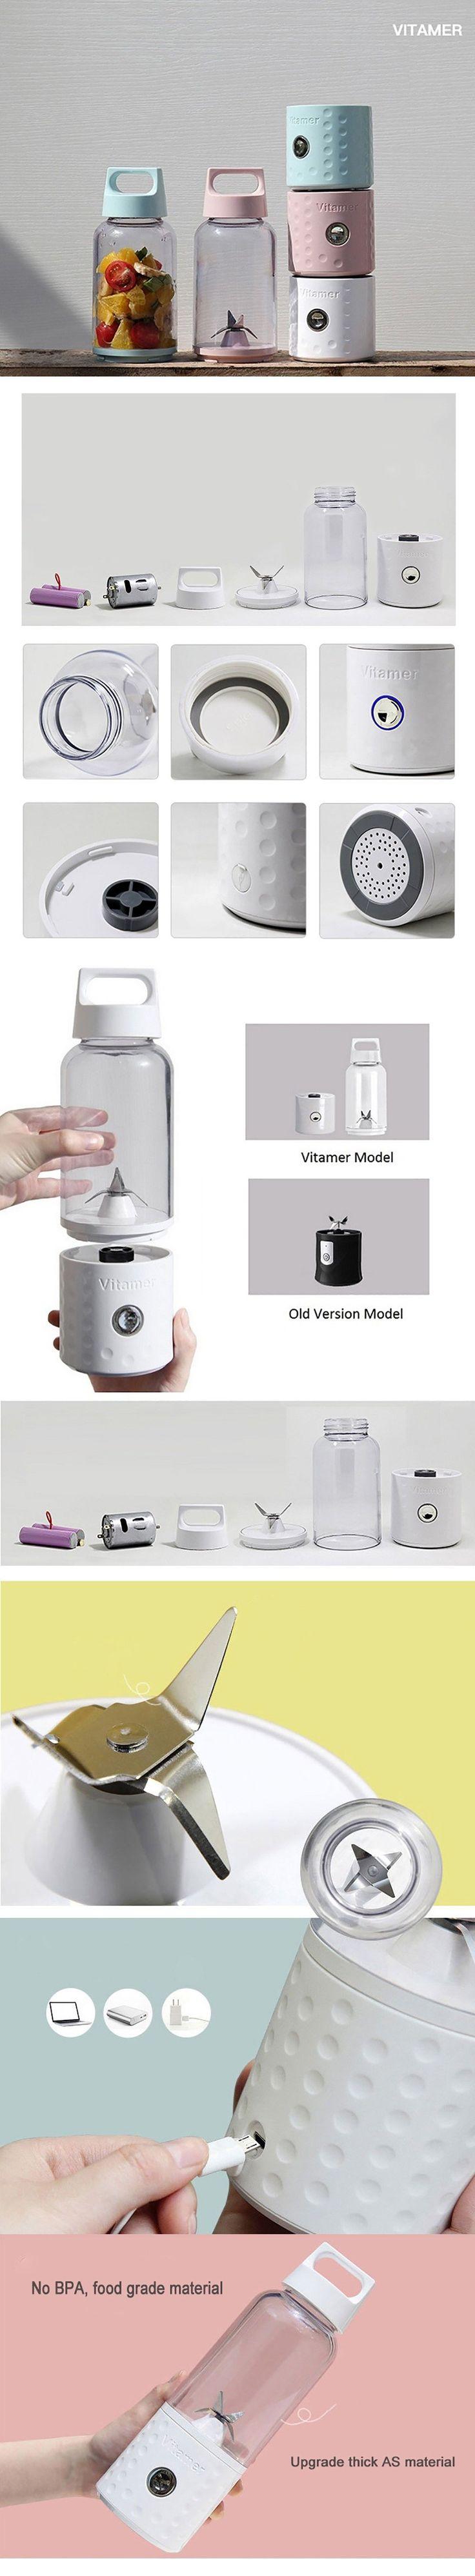 Vitamer Juicer Cup